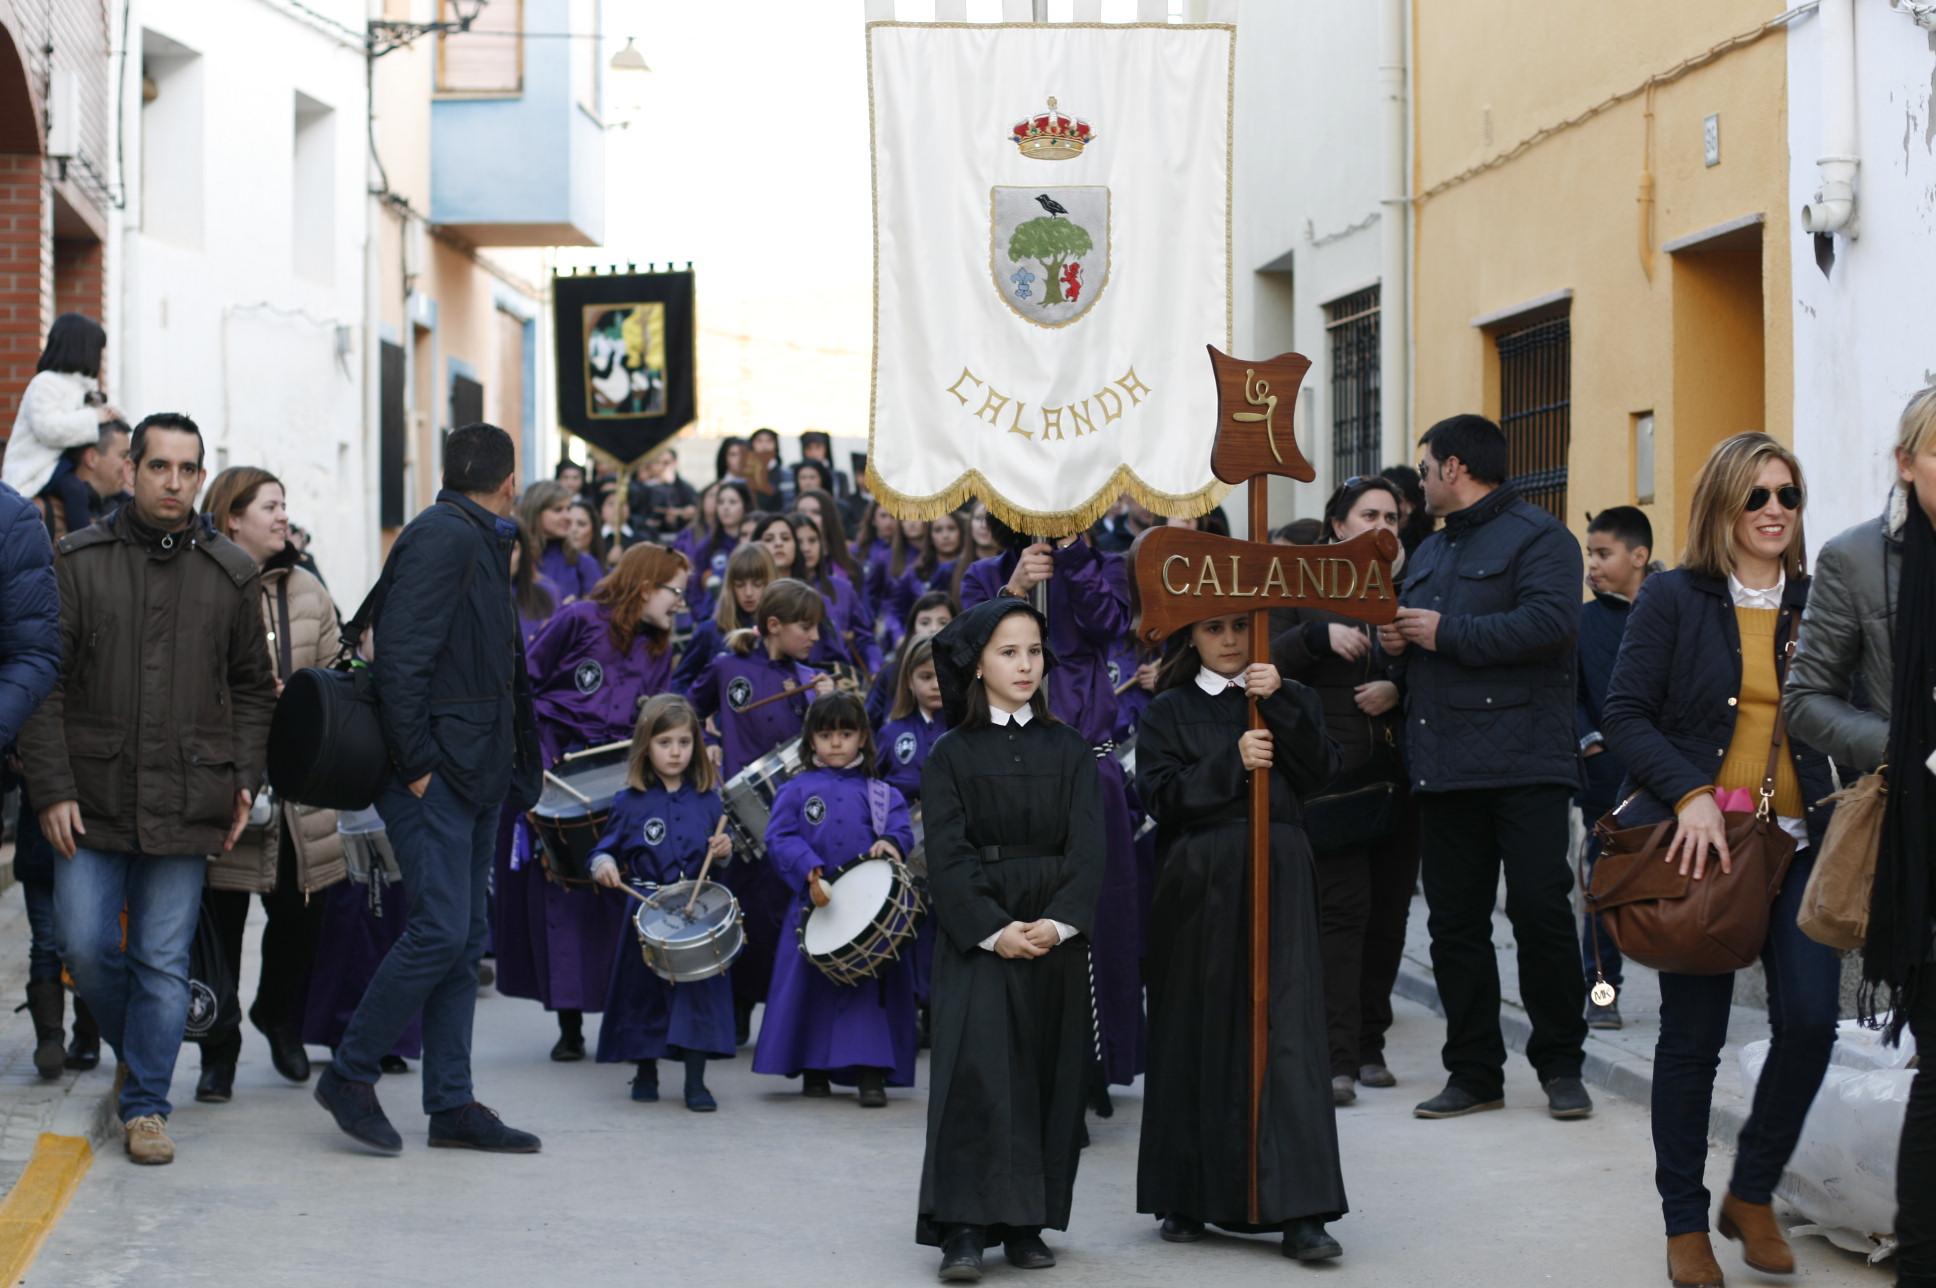 Calanda, Teruel